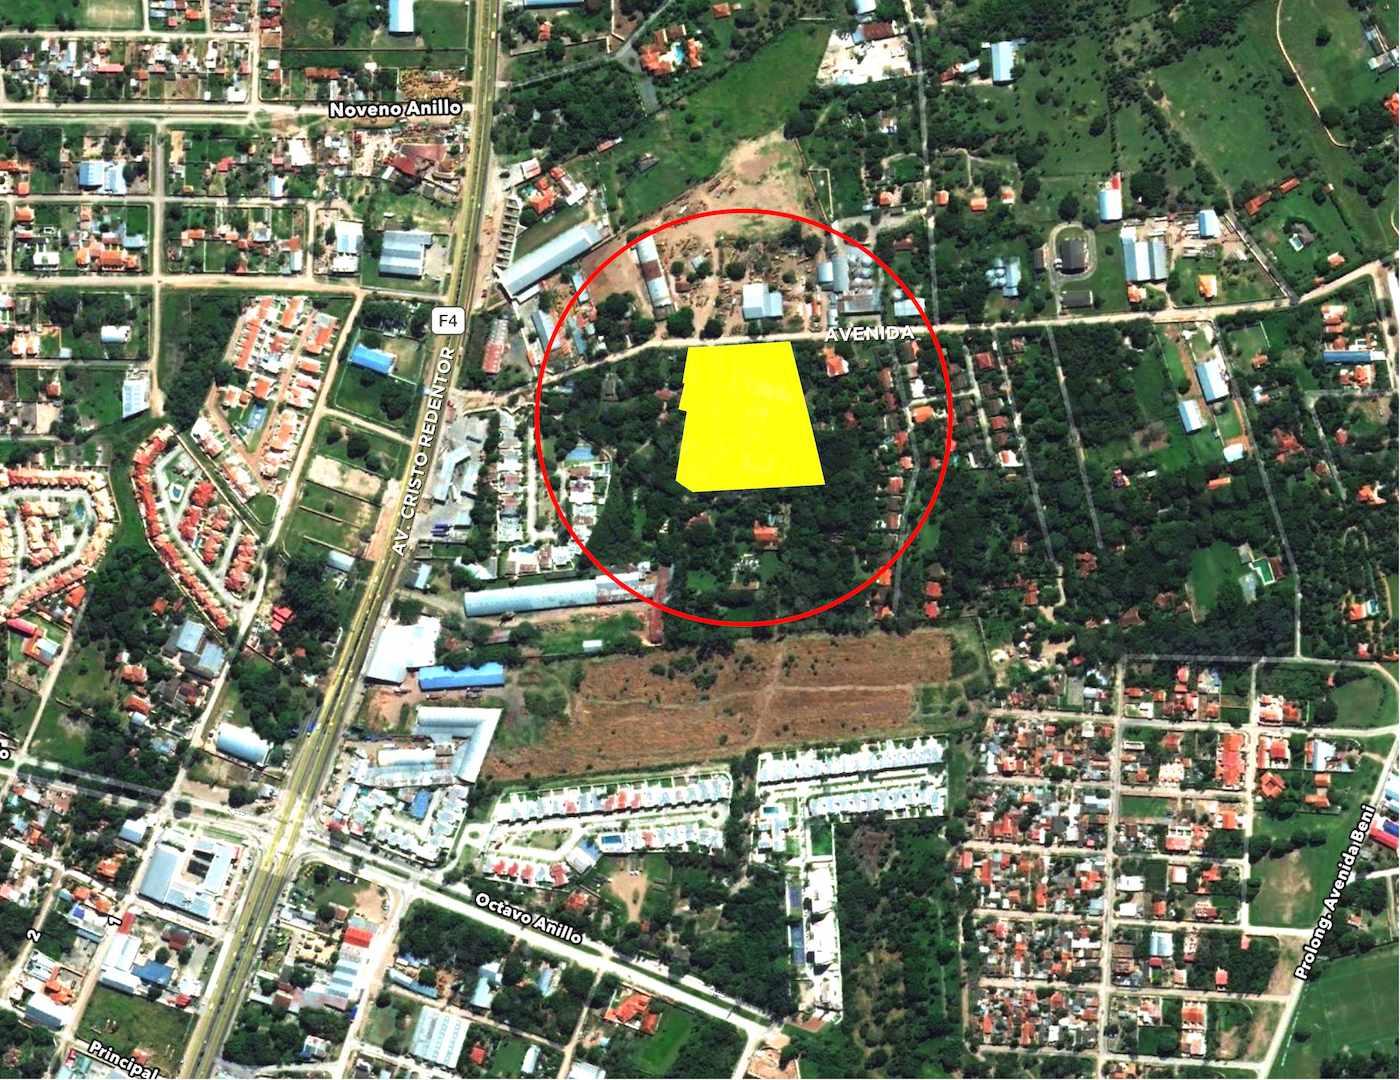 Terreno en Venta TERRENO CÉNTRICO PARA URBANIZAR... PARA CONSTRUCTORES  E INVERSIONISTAS Foto 1